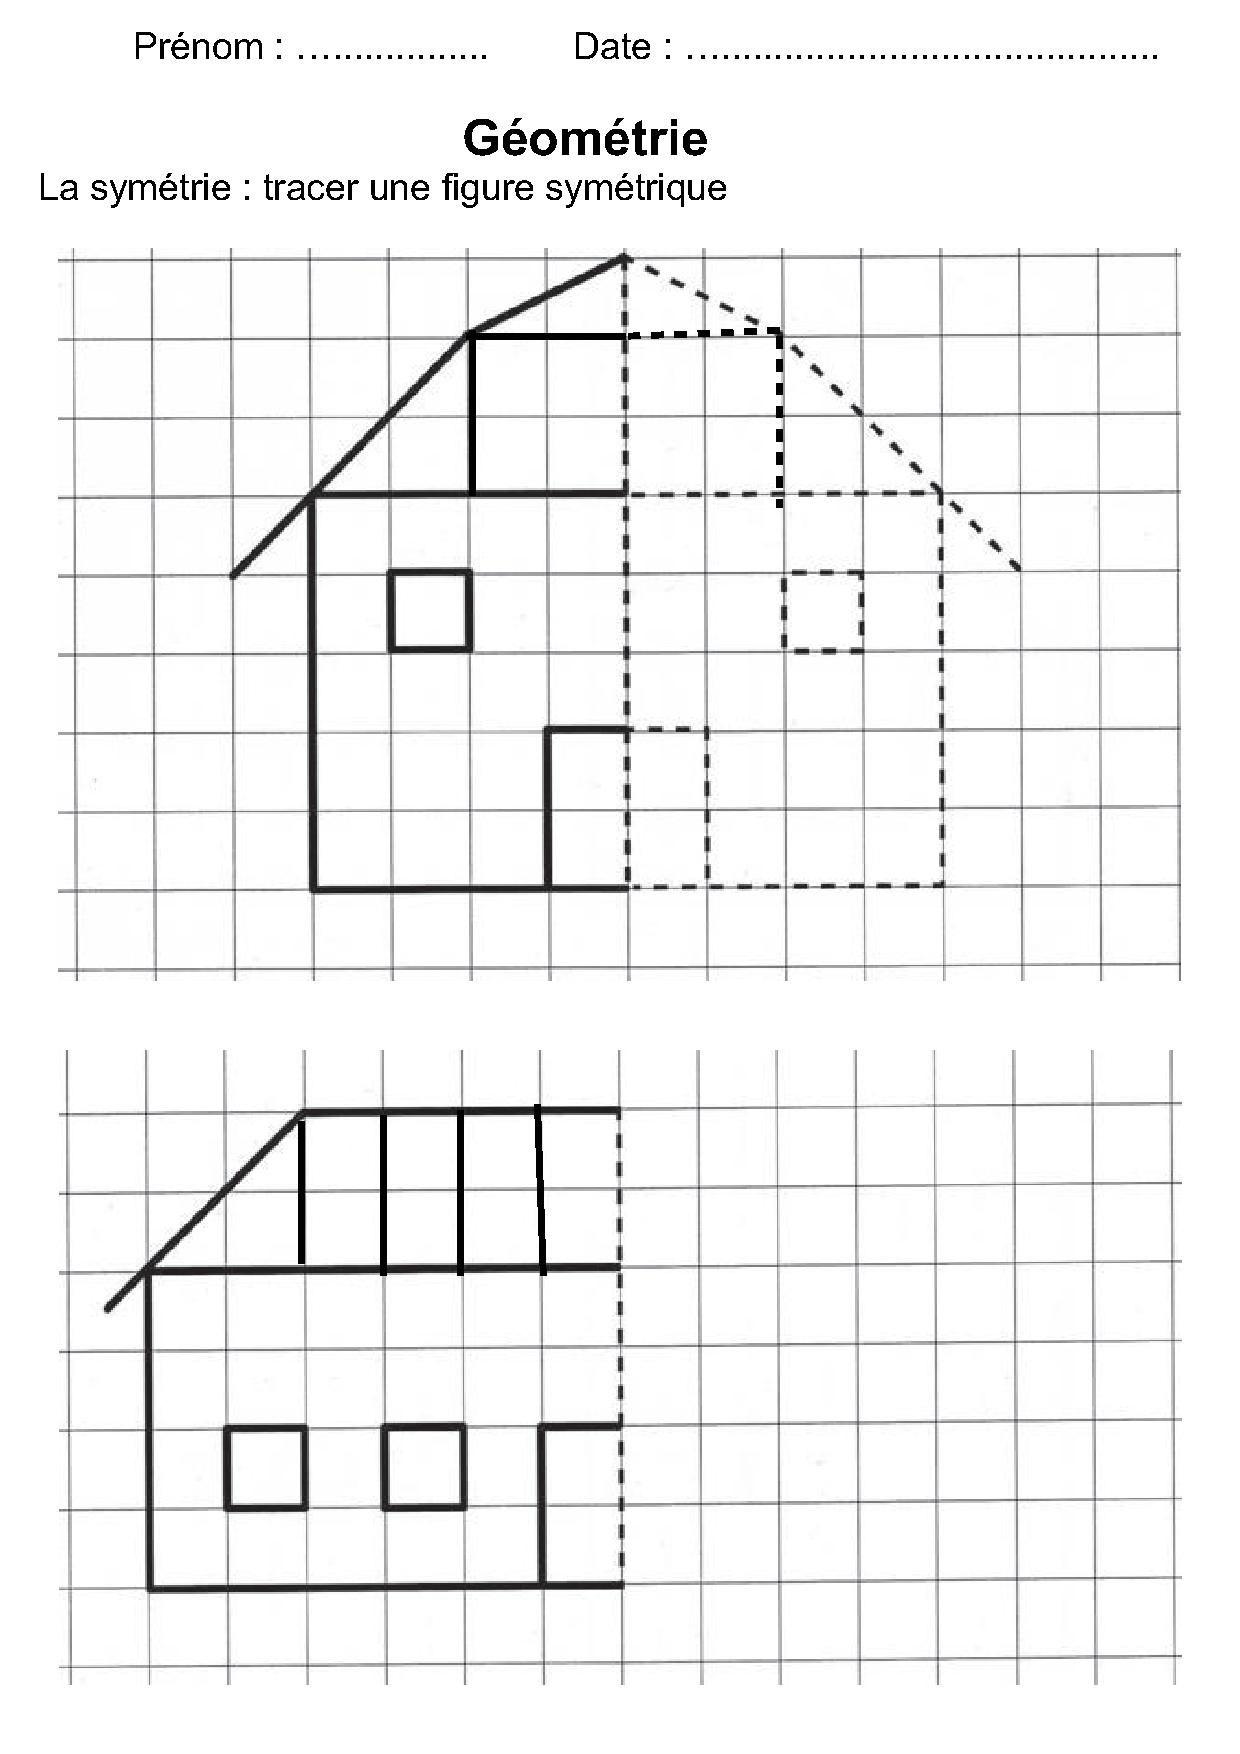 Géométrie Ce1,ce2,la Symétrie,reproduire Une Figure tout Évaluation Reproduction Sur Quadrillage Ce1